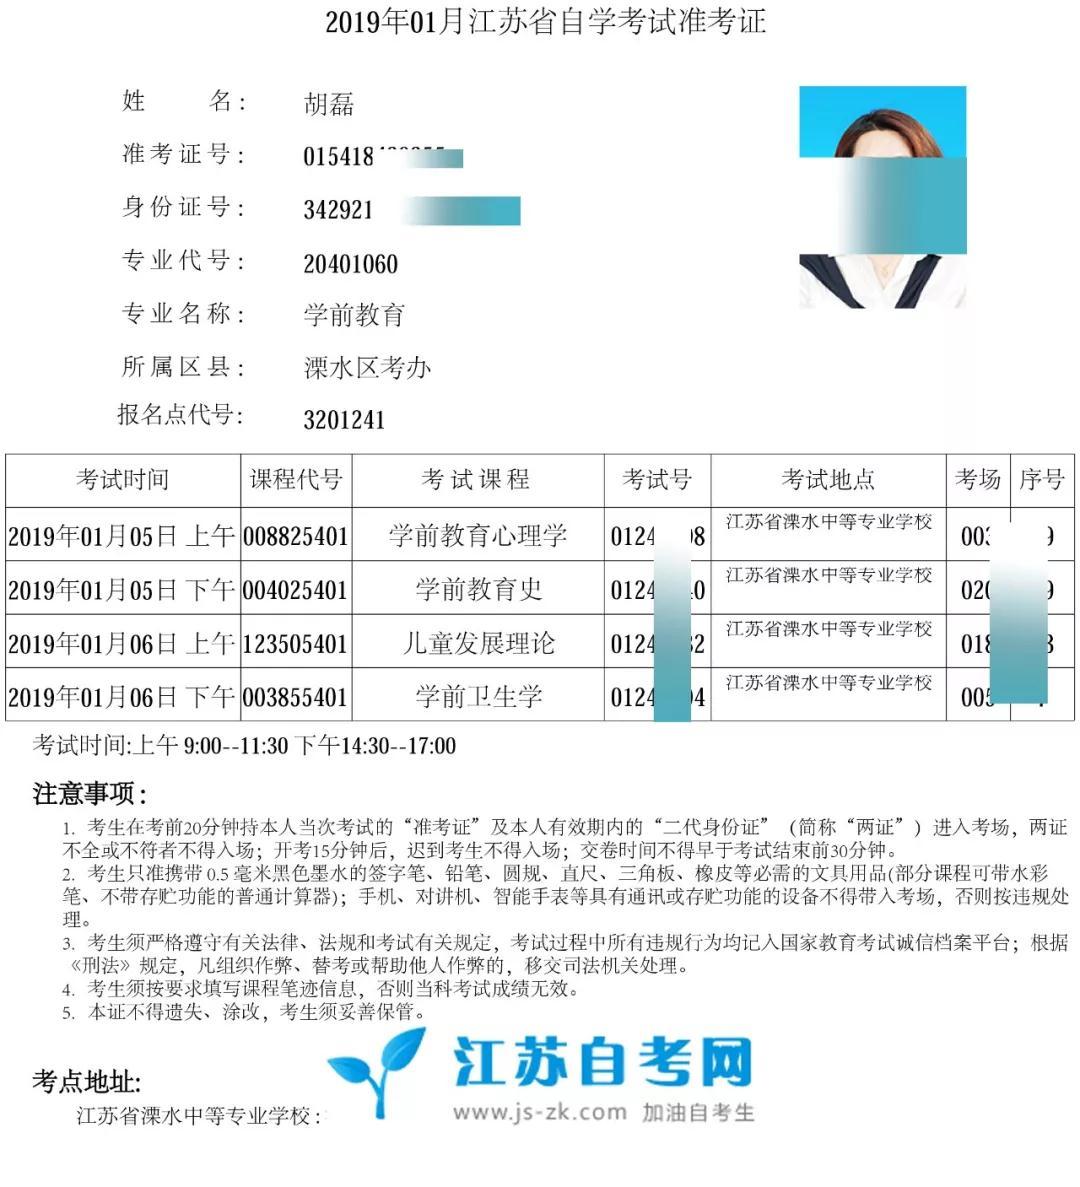 江苏自考新版准考证